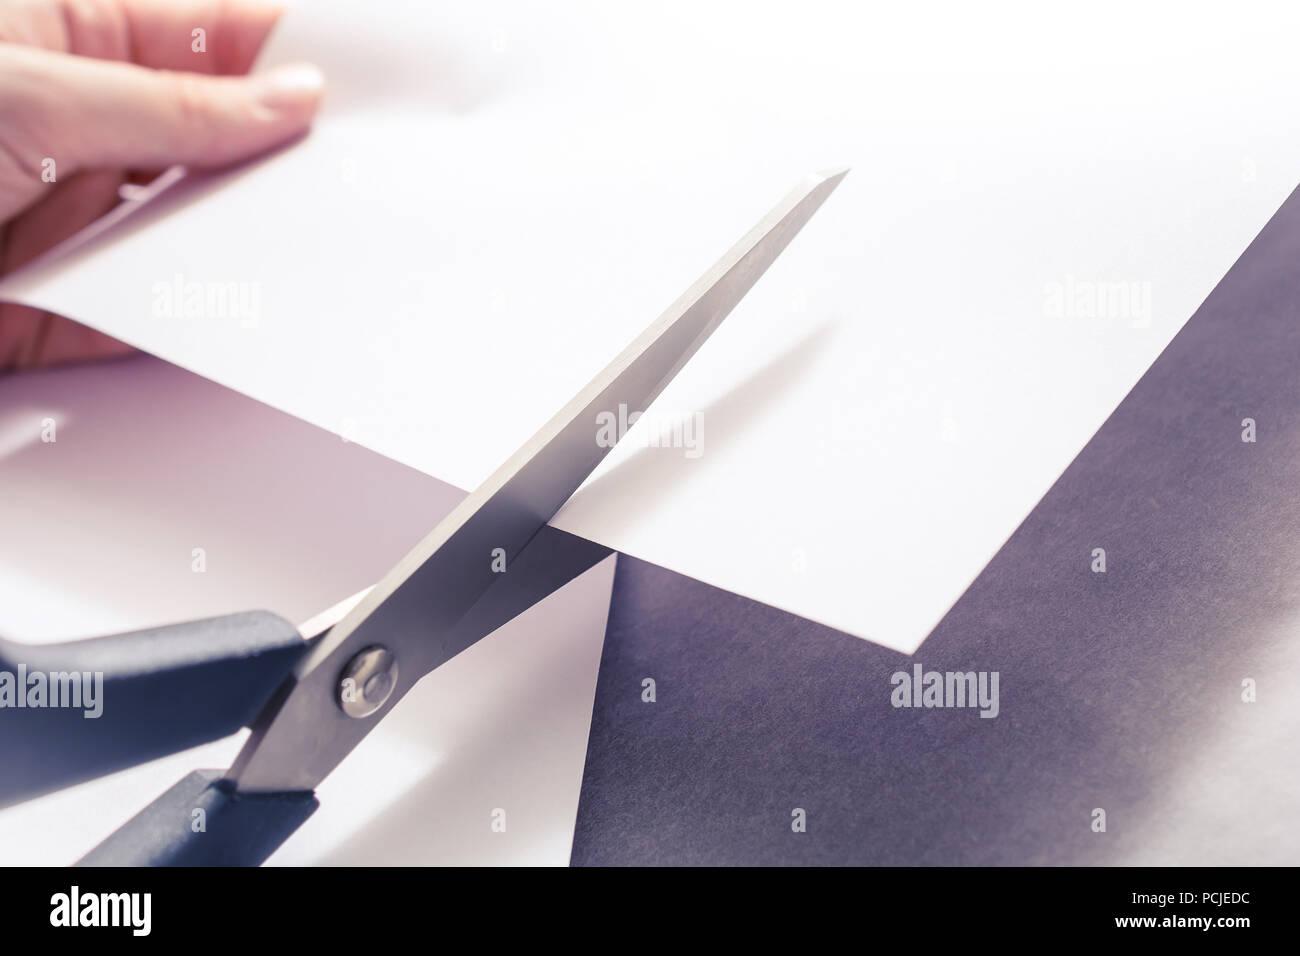 Un paio di forbici da taglio carta bianca, sostenuto da mani femminili Immagini Stock